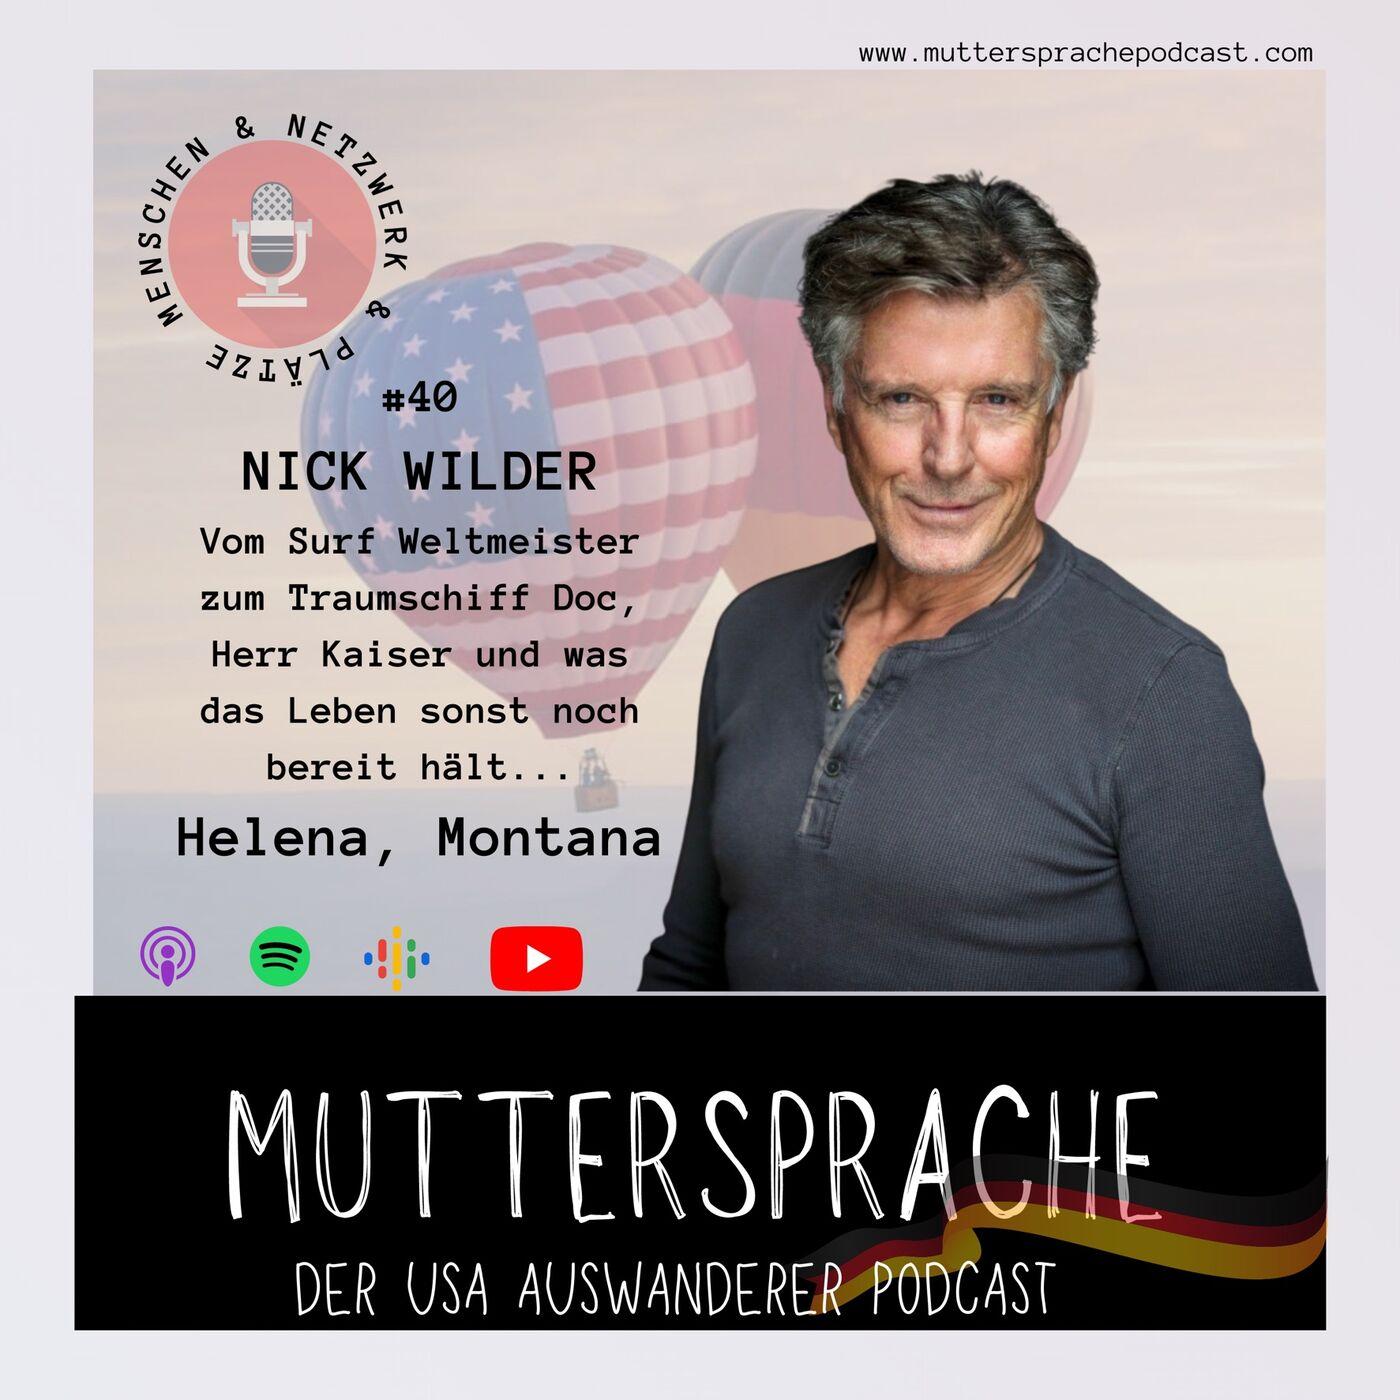 Folge 40: Vom Surf Weltmeister zum Traumschiff Doc, Herr Kaiser oder besser gesagt NICK WILDER - HELENA MONTANA